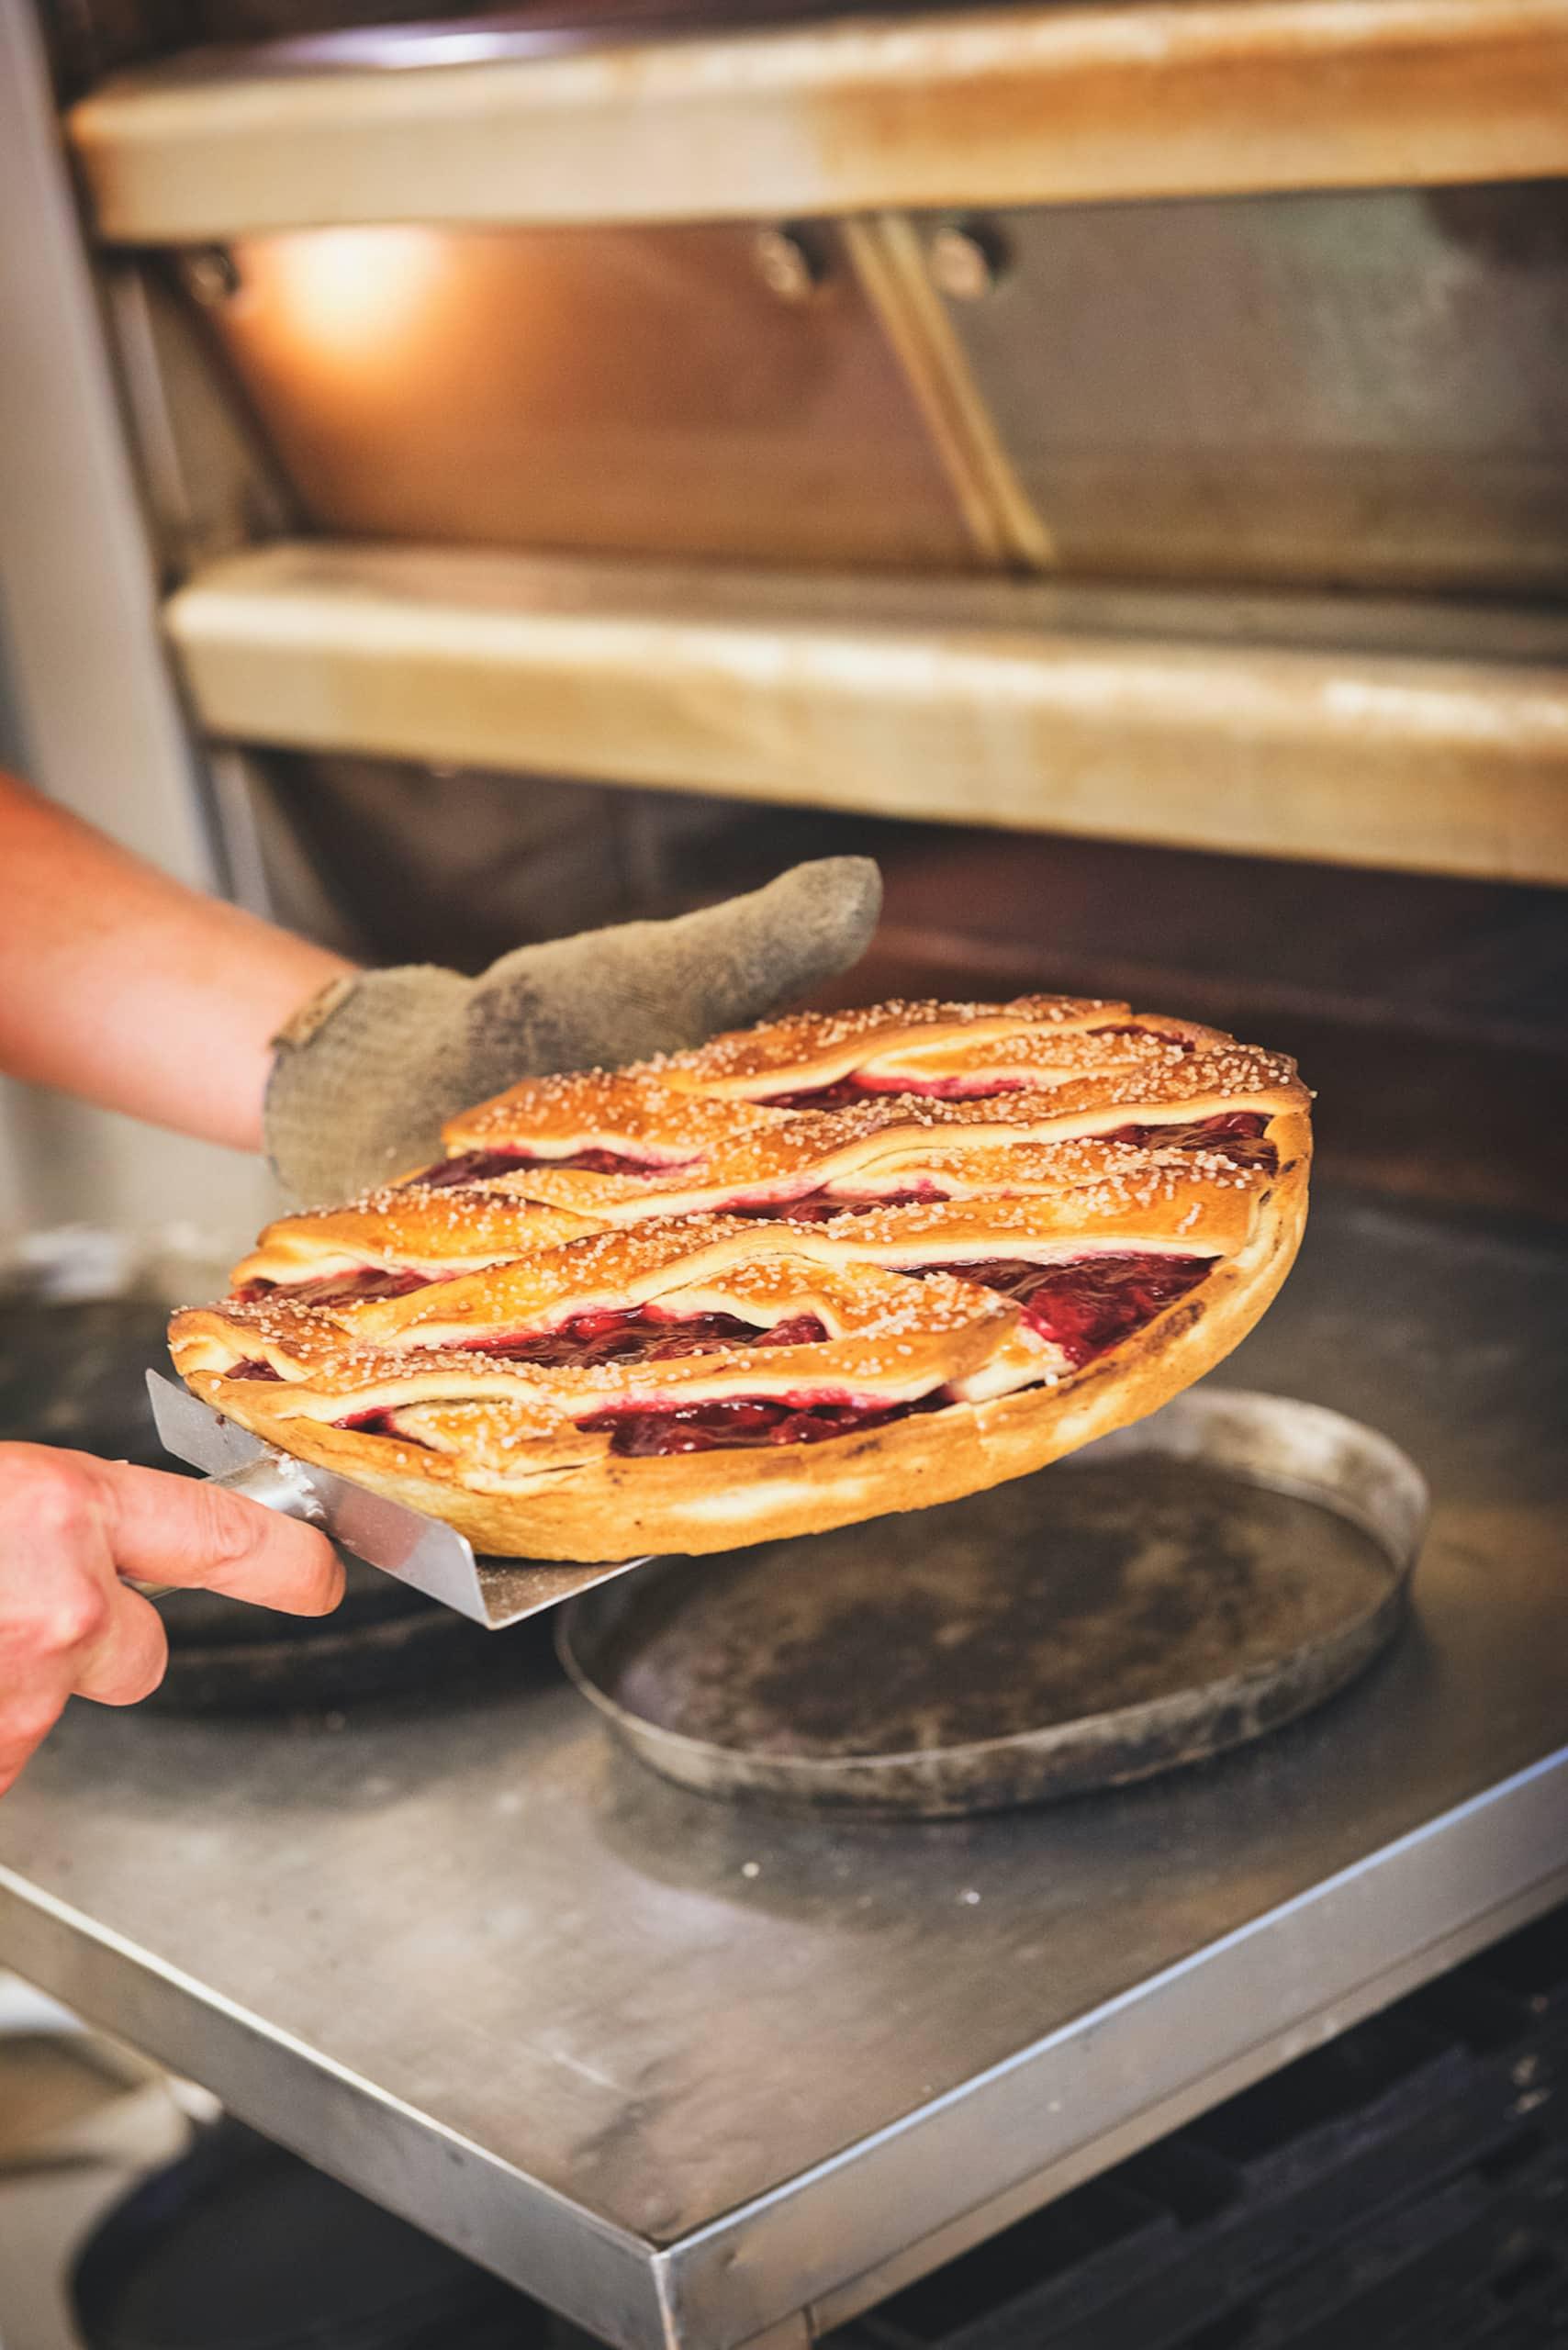 Vlai ist ein typischer Kuchen der in der Bishopsmolen in Maastricht gebacken wird